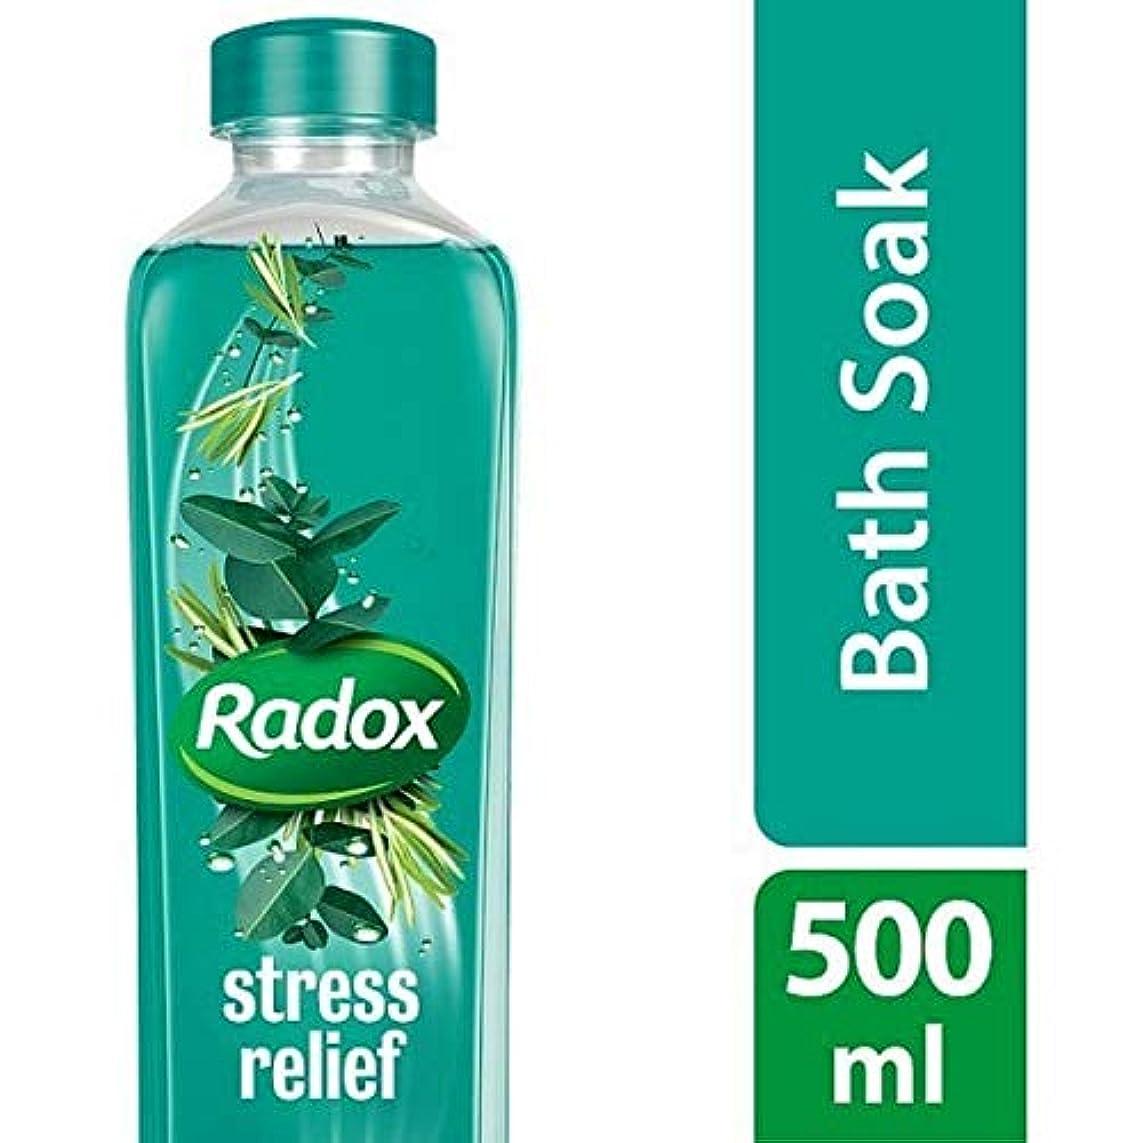 四回誰でも誤[Radox] Radoxは、500ミリリットルのソーク良い香りストレスリリーフ風呂を感じます - Radox Feel Good Fragrance Stress Relief Bath Soak 500ml [並行輸入品]